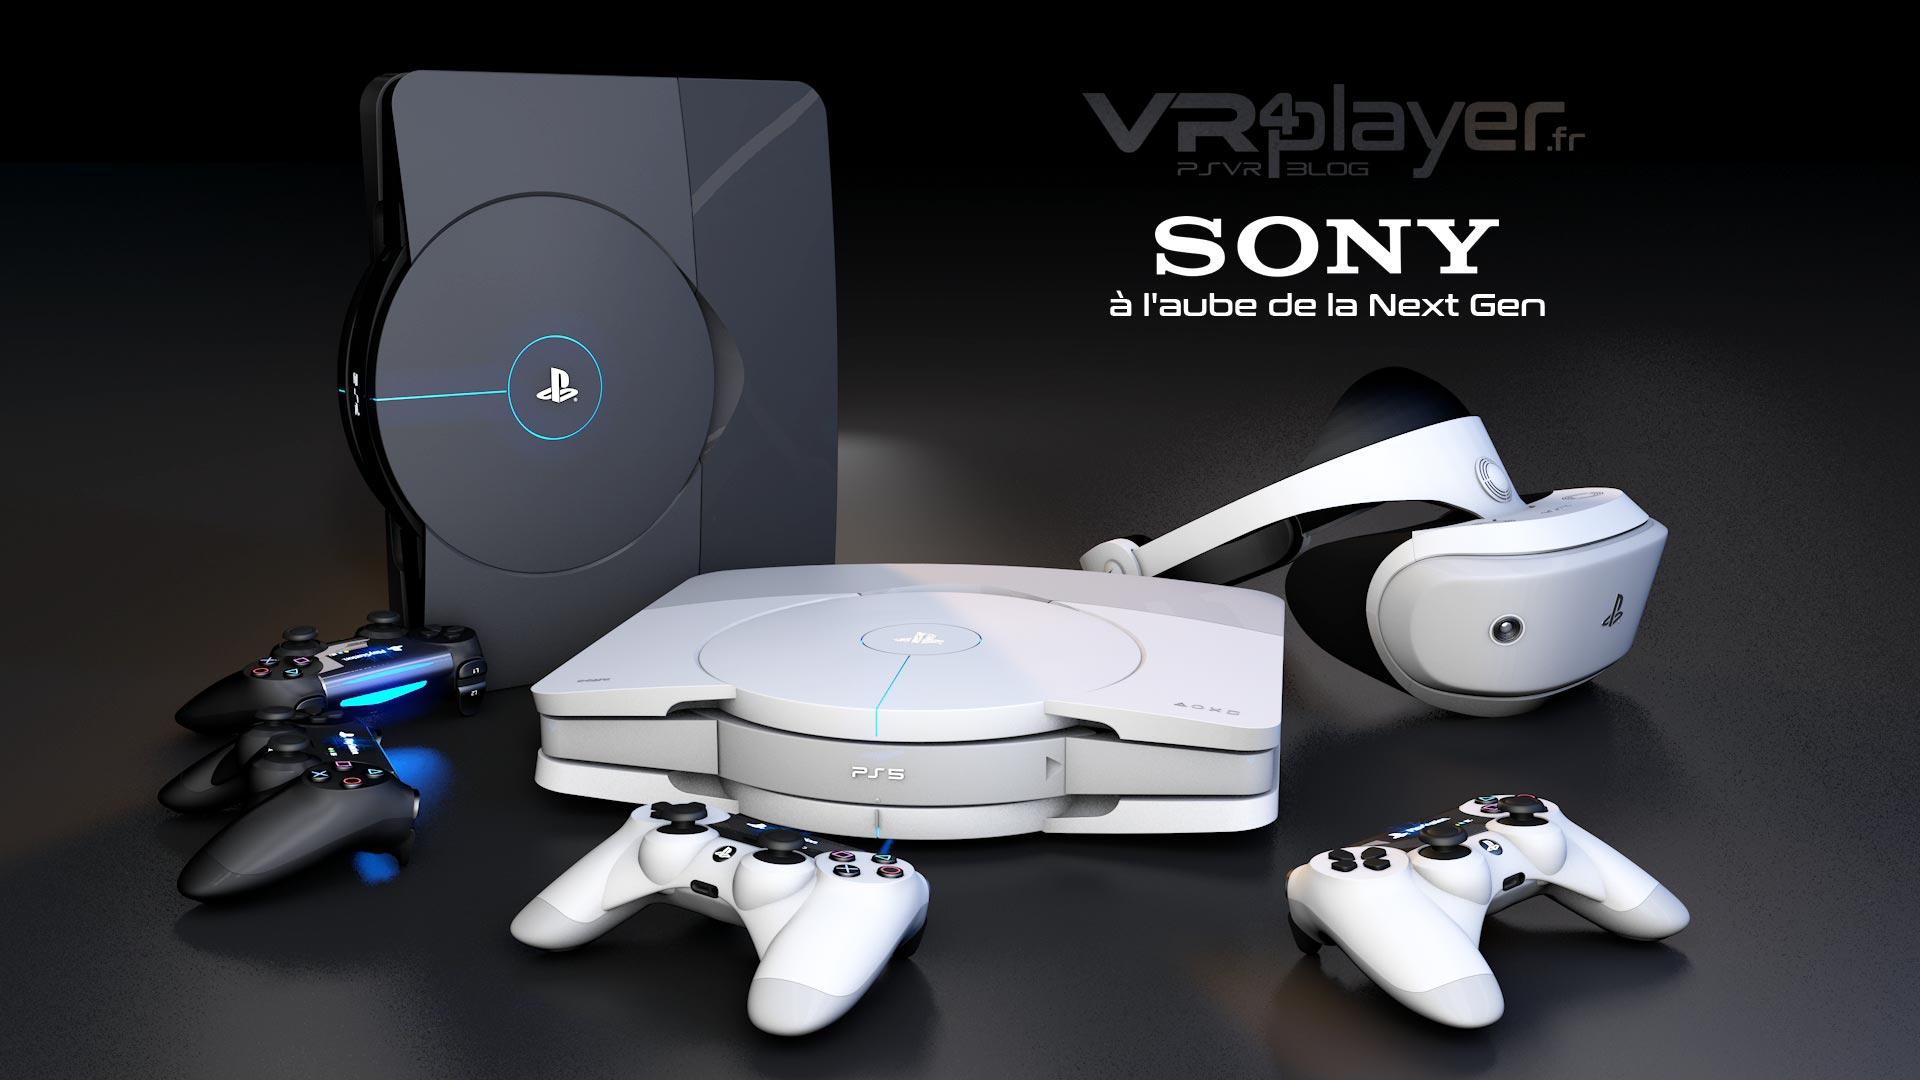 PlayStation 5 - PS5 : Sony à l'aube de la Next Gen